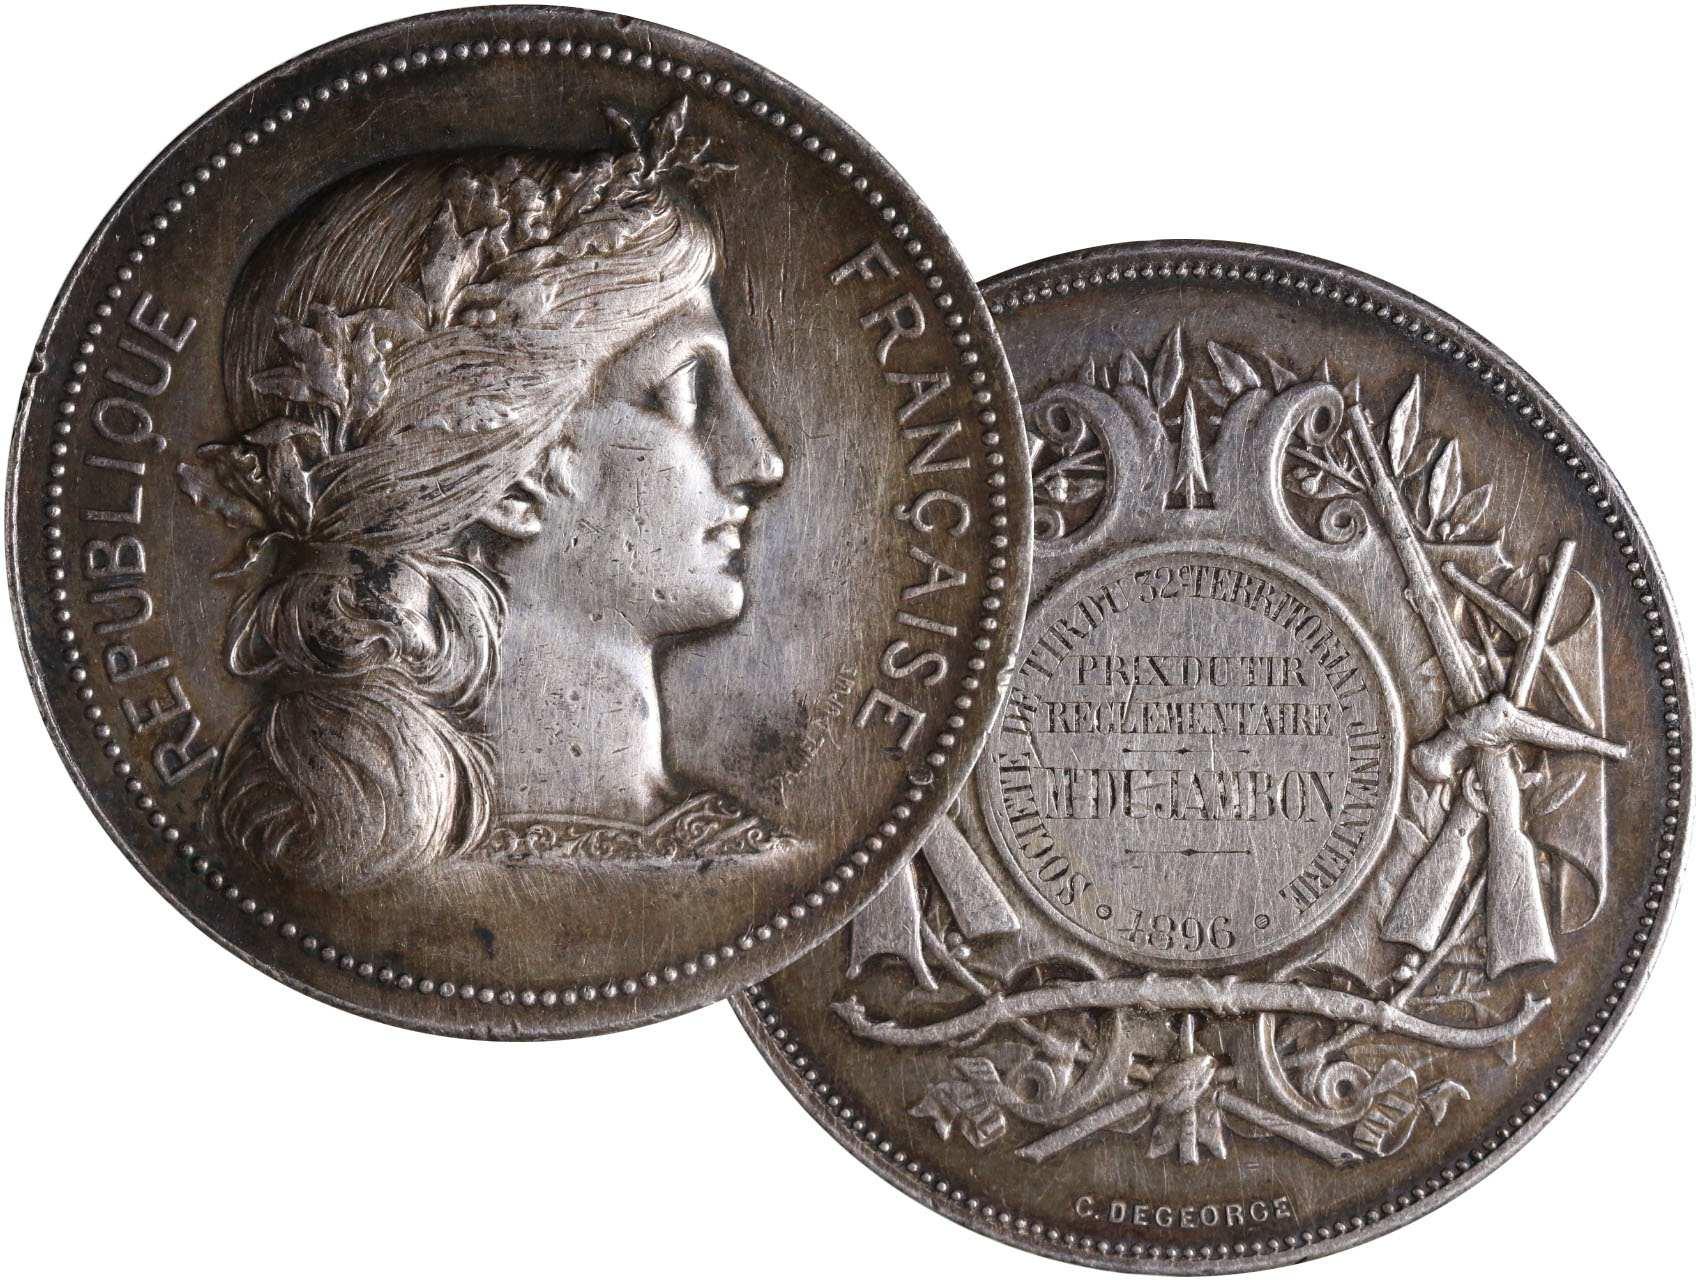 Francie, Ag střelecká medaile 1896, udělení, C. Degeorde